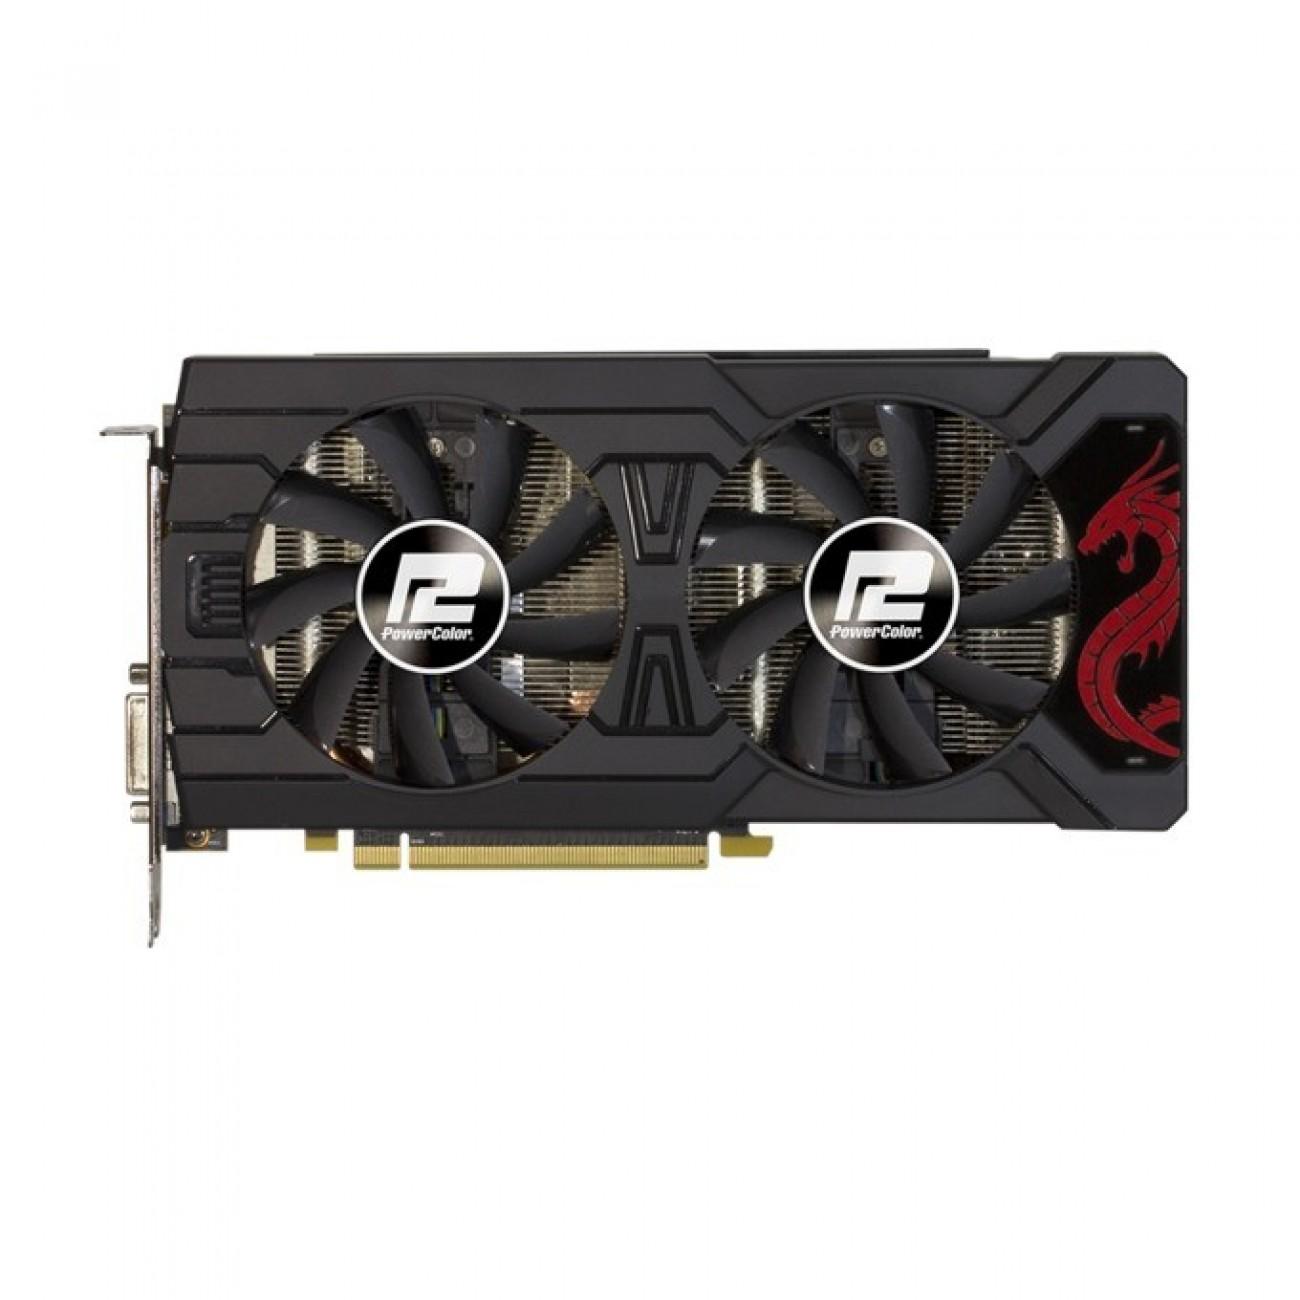 Видео карта AMD Radeon RX 580, 8GB, PowerColor Red Dragon Radeon RX 580, PCI-E 3.0, GDDR5, 256 bit, 3x Display Port, HDMI, DVI в Видео карти -  | Alleop